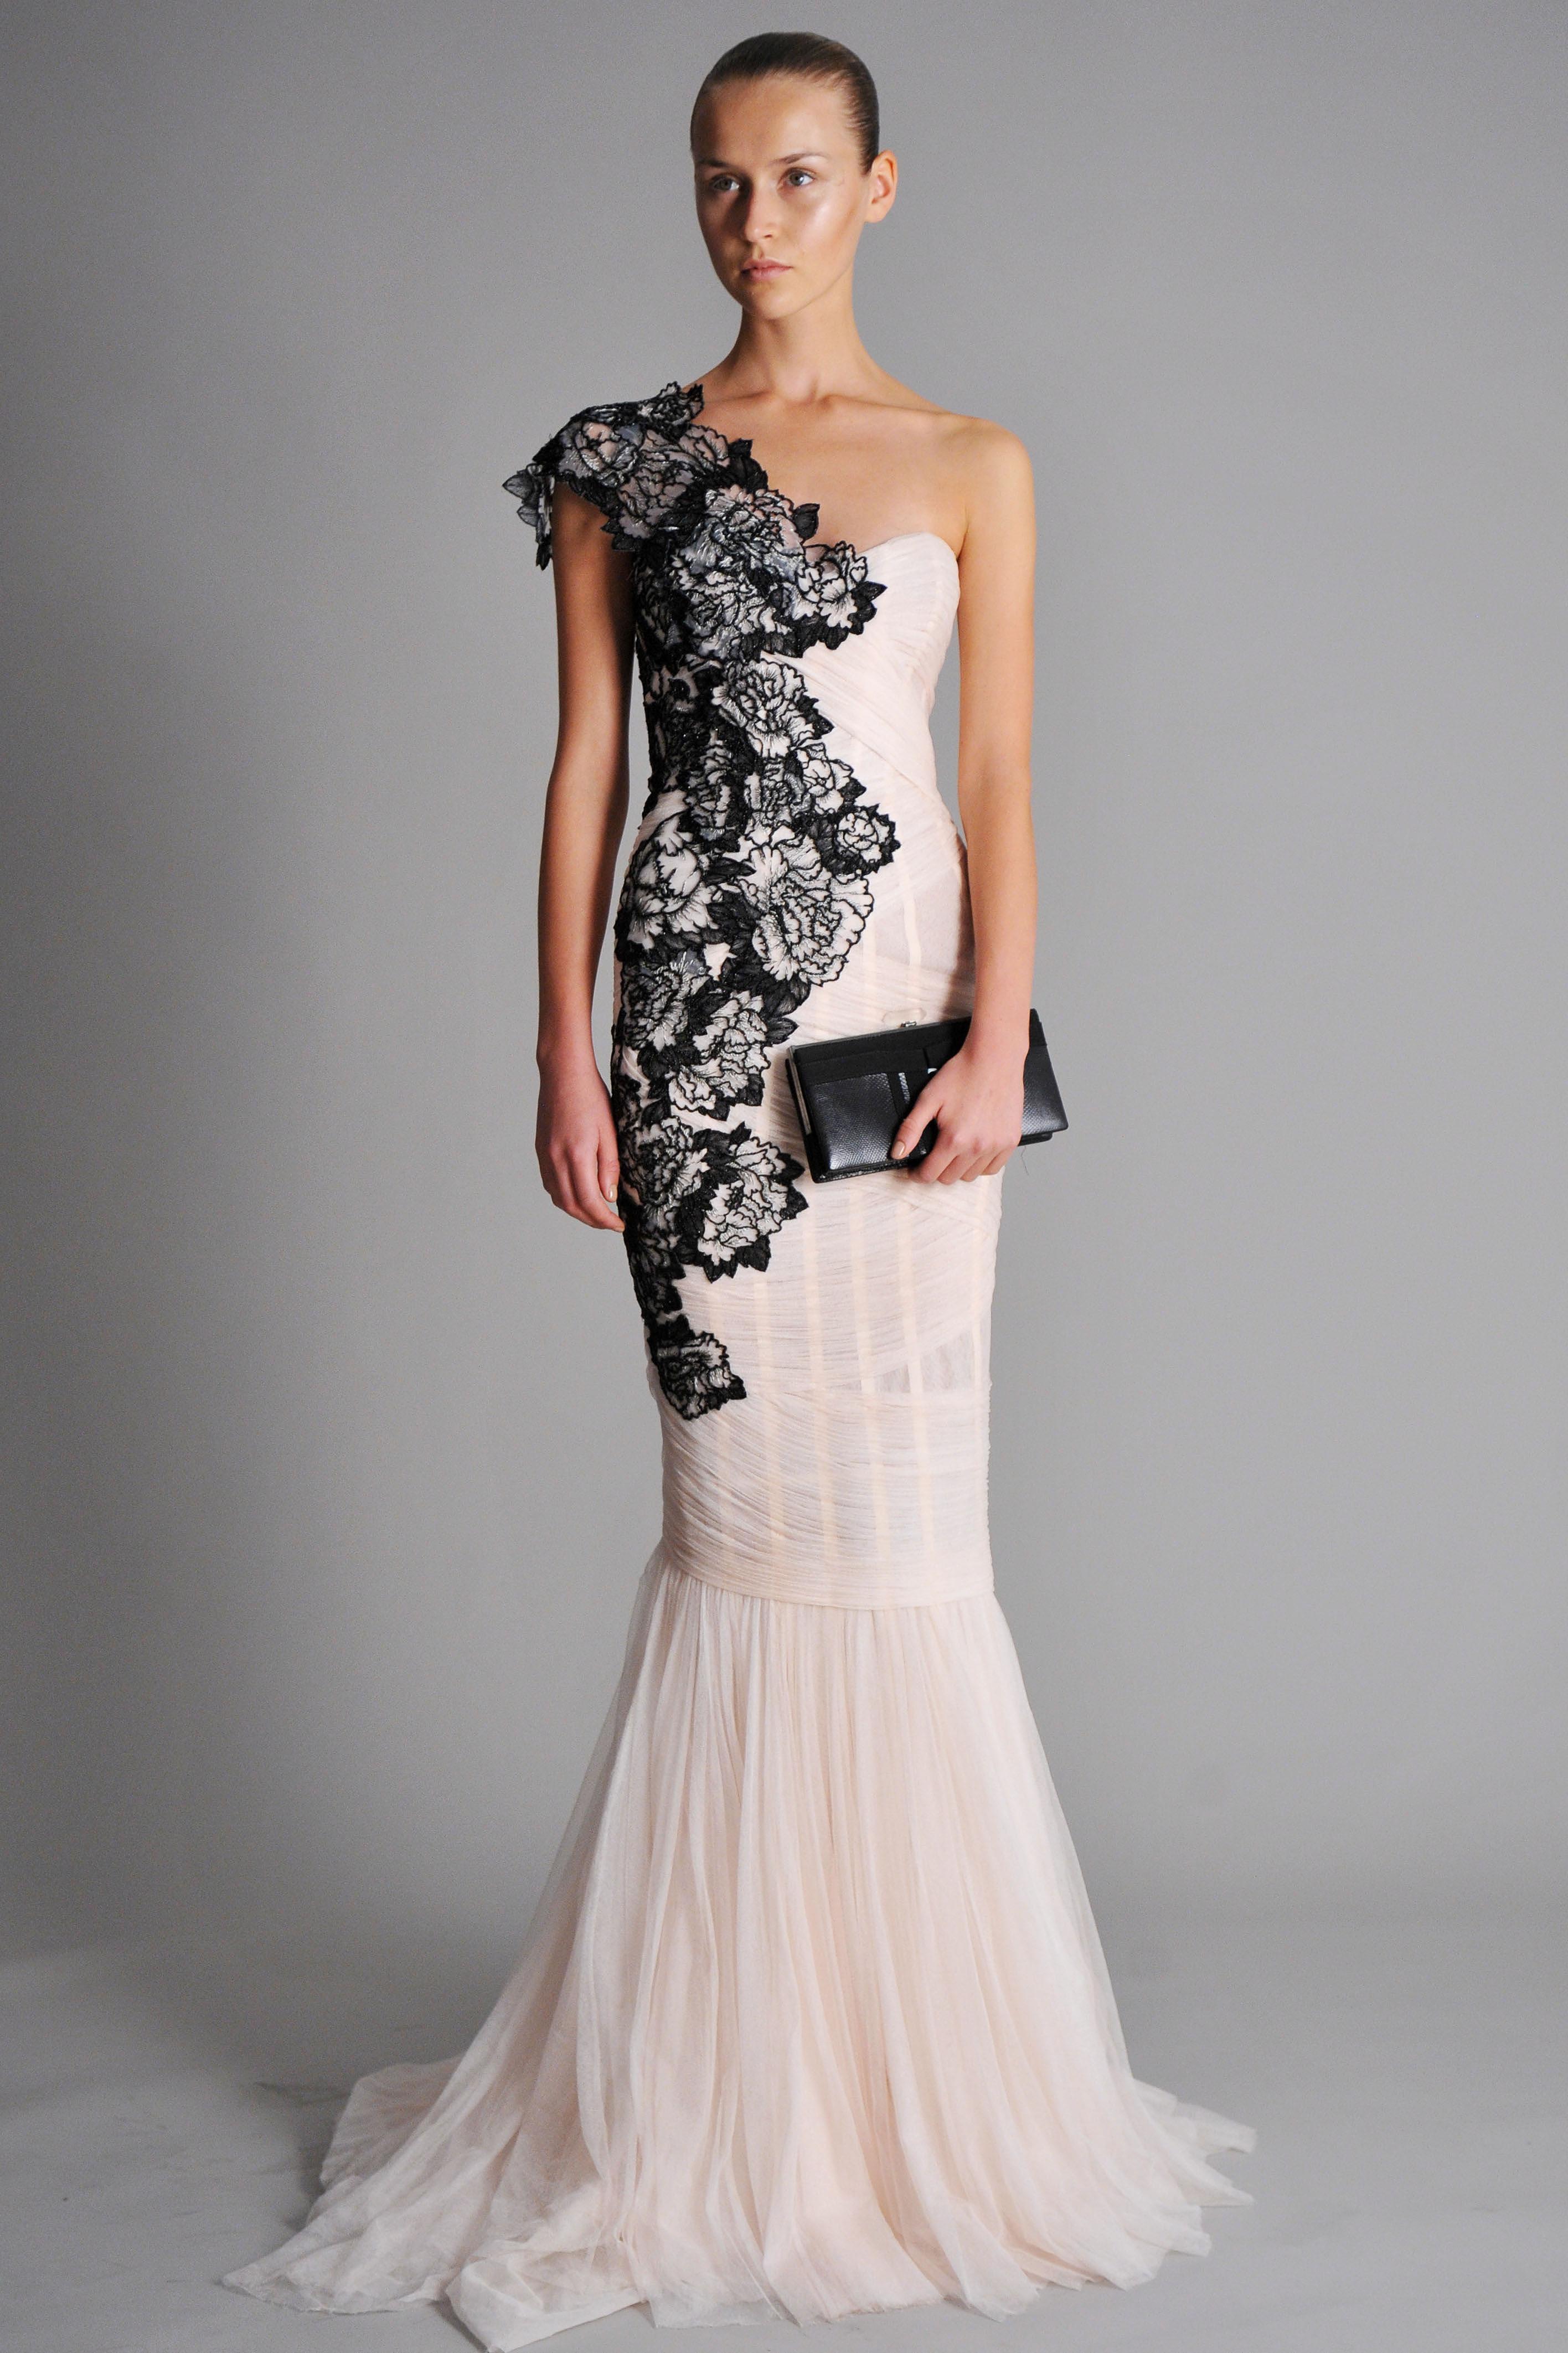 вечерние платья фото с гипюром